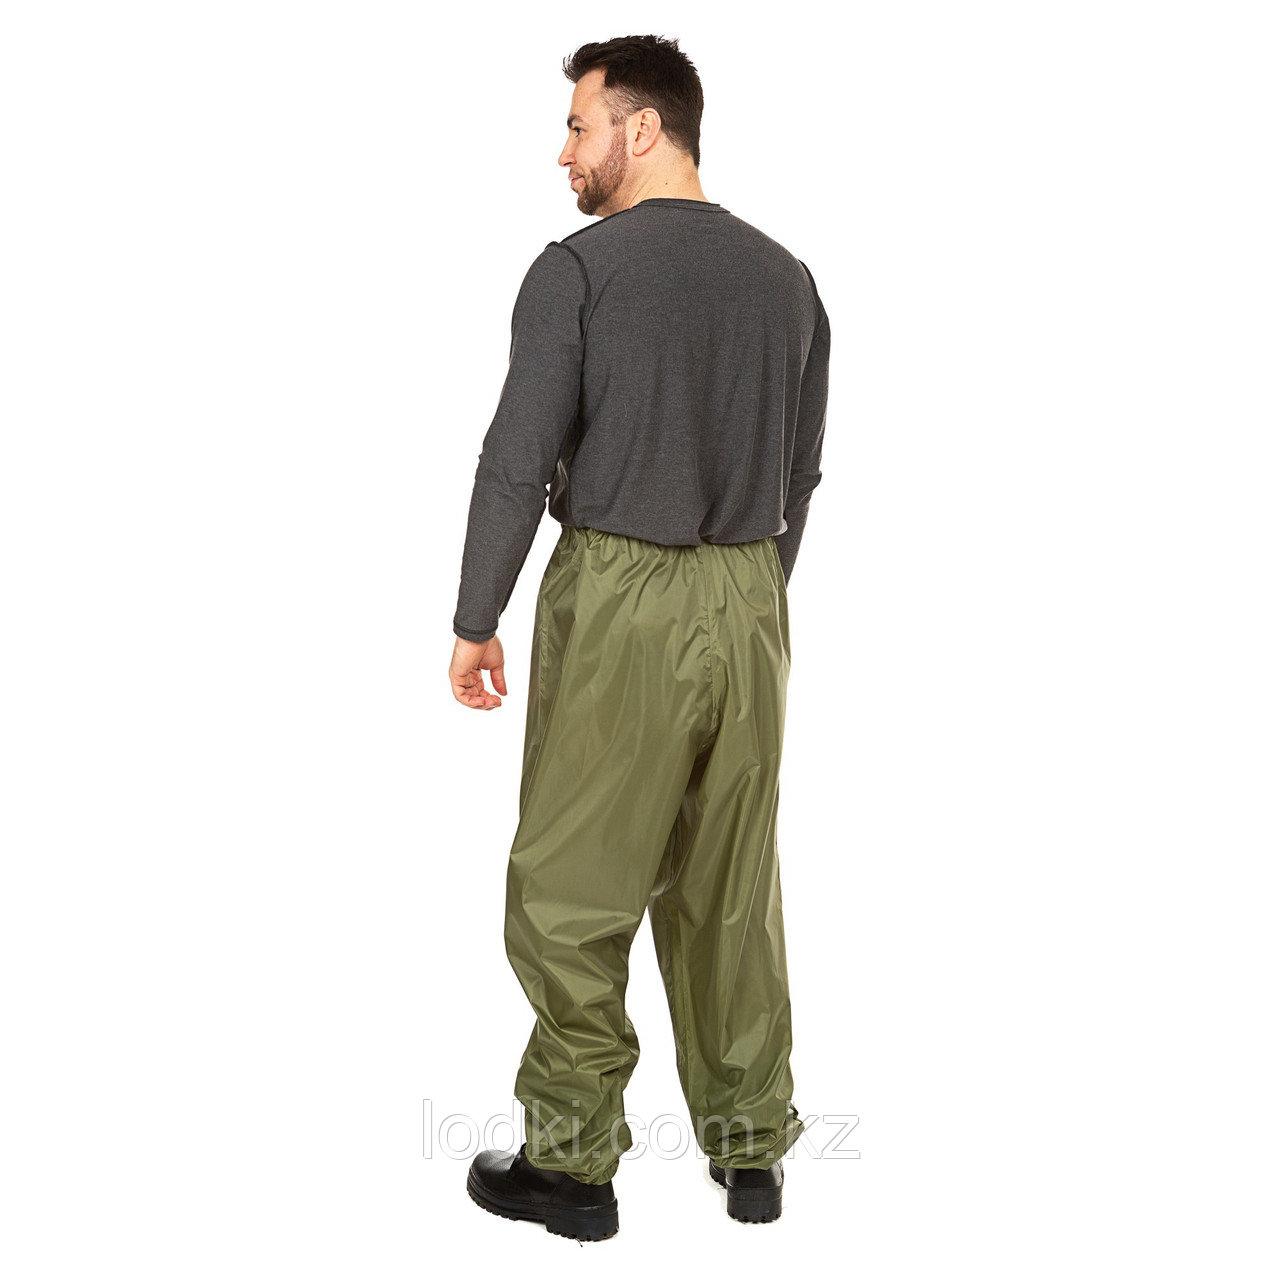 Костюм дождевик ВВЗ Шторм цвет Зеленый ткань Таффета PVC 20000мм Размеры от44до64 - фото 6